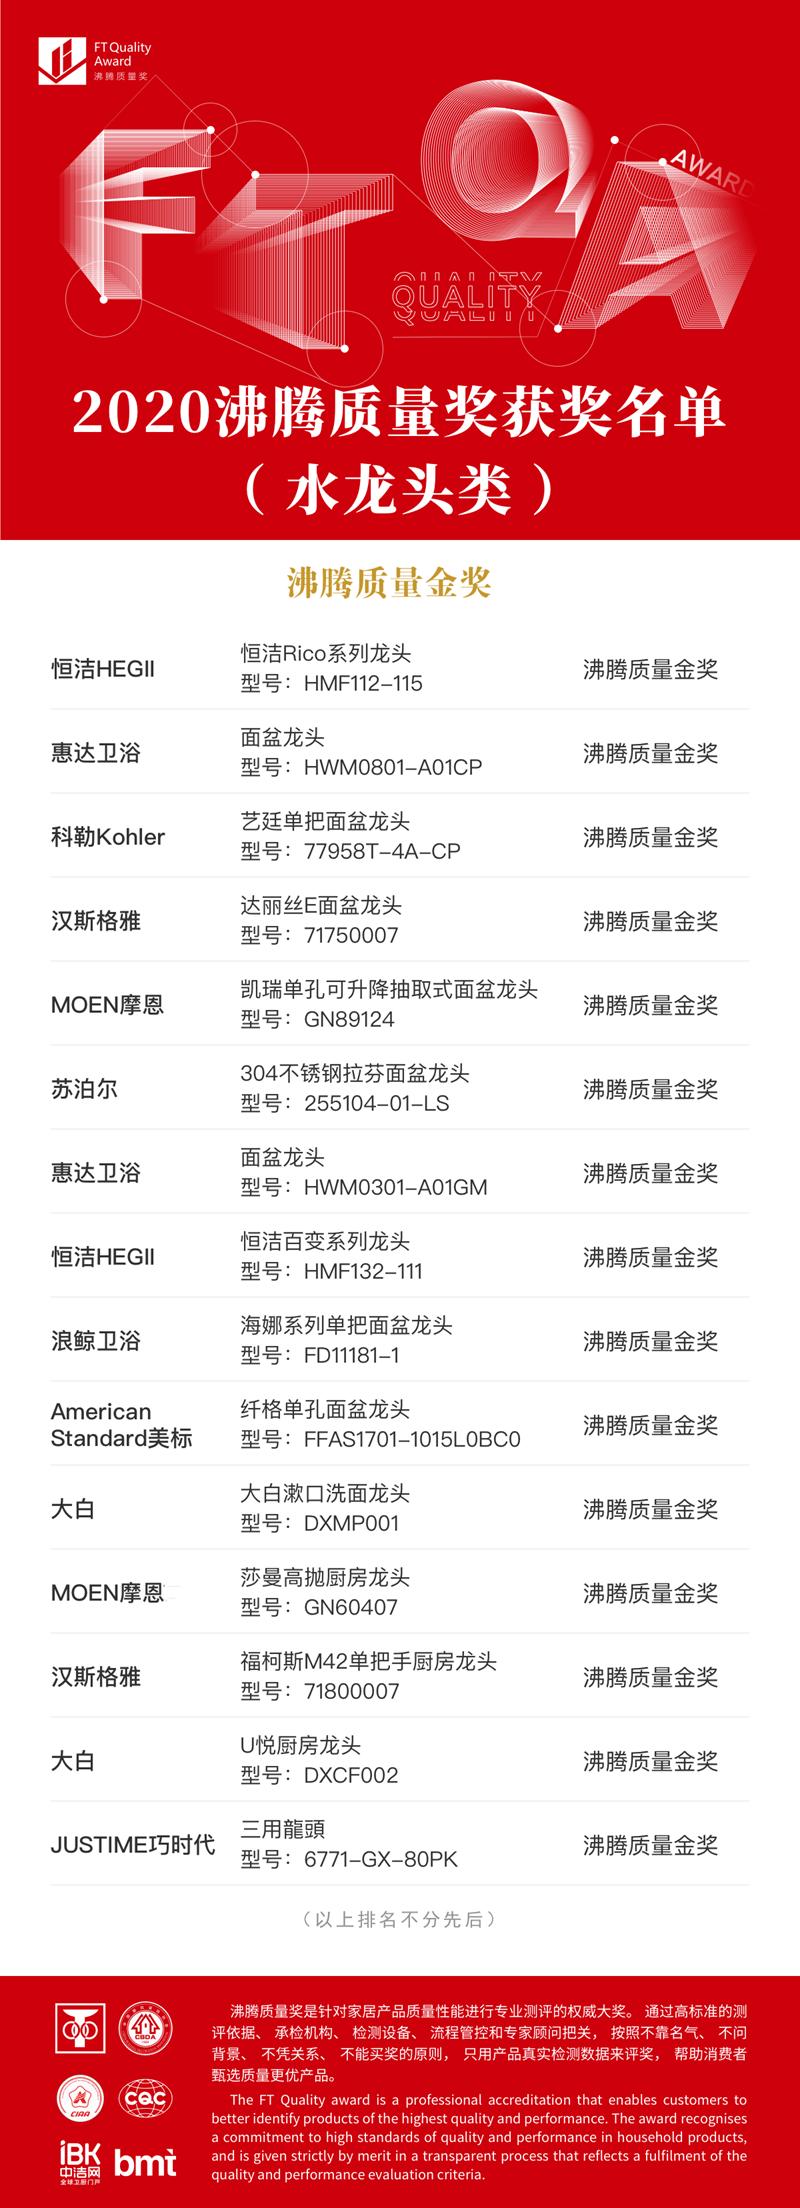 3 沸腾质量奖-水龙头-金奖_副本 (1).png